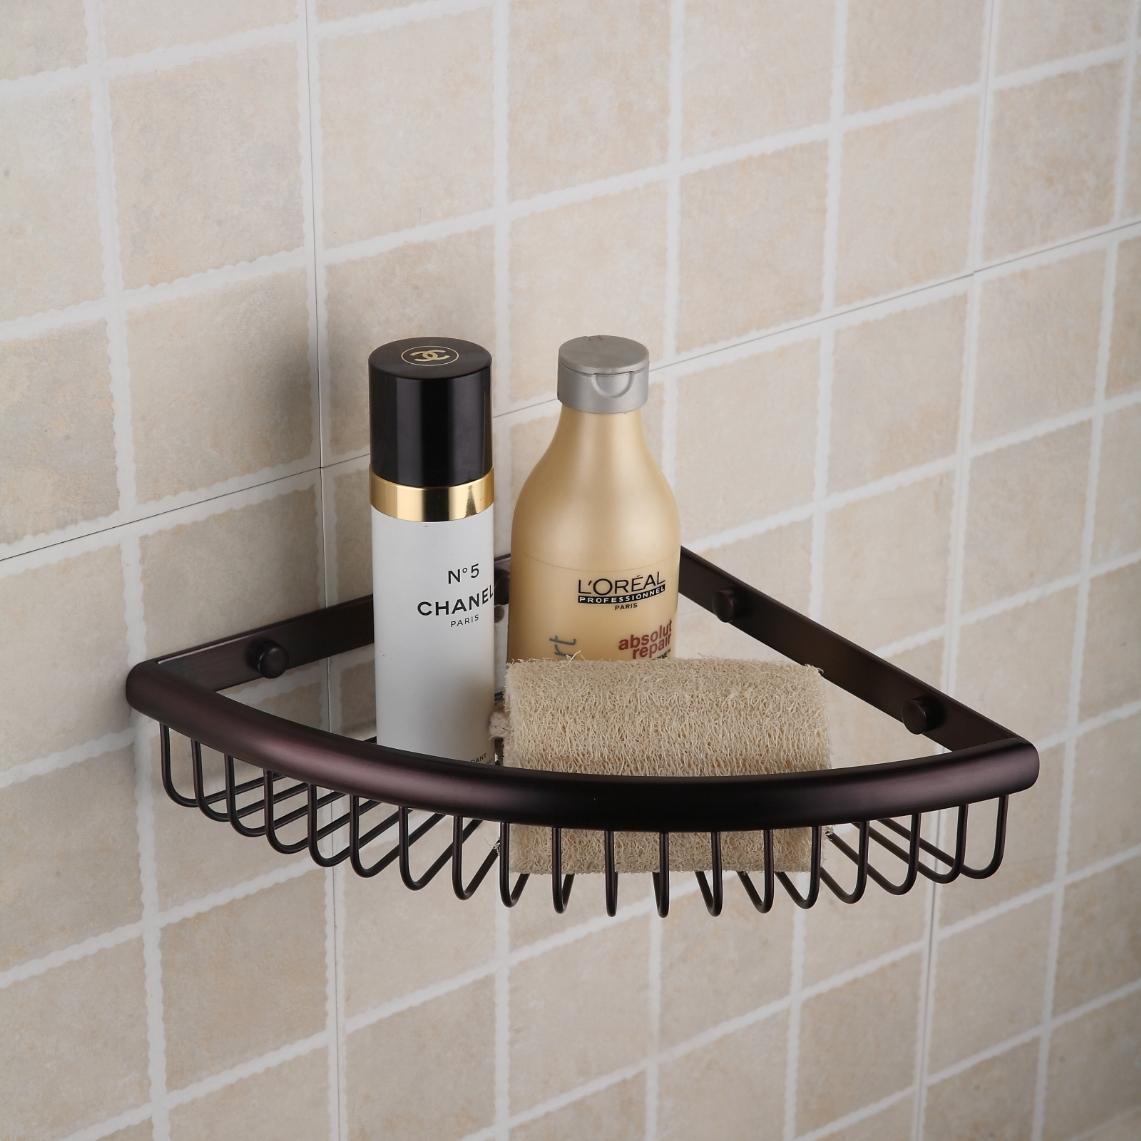 Accessoires de salle de bains modernes offrant touche for Ensemble salle de bain porte savon